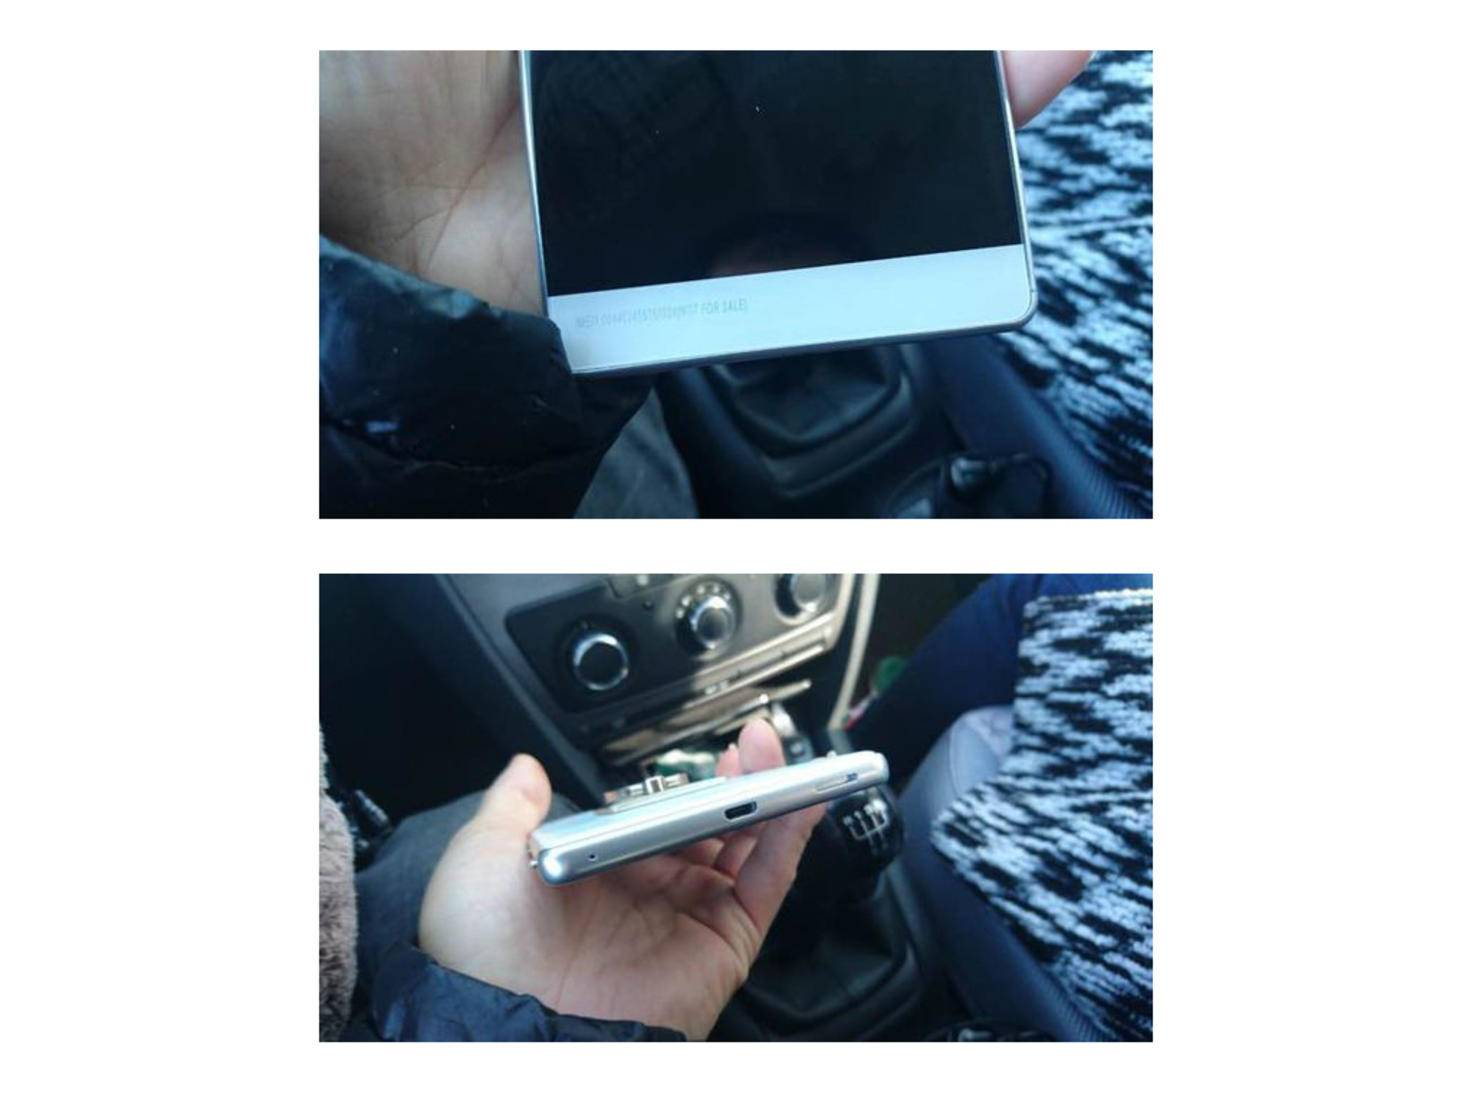 Erste Leak-Fotos zeigen angeblich ein Xperia C6 Ultra.